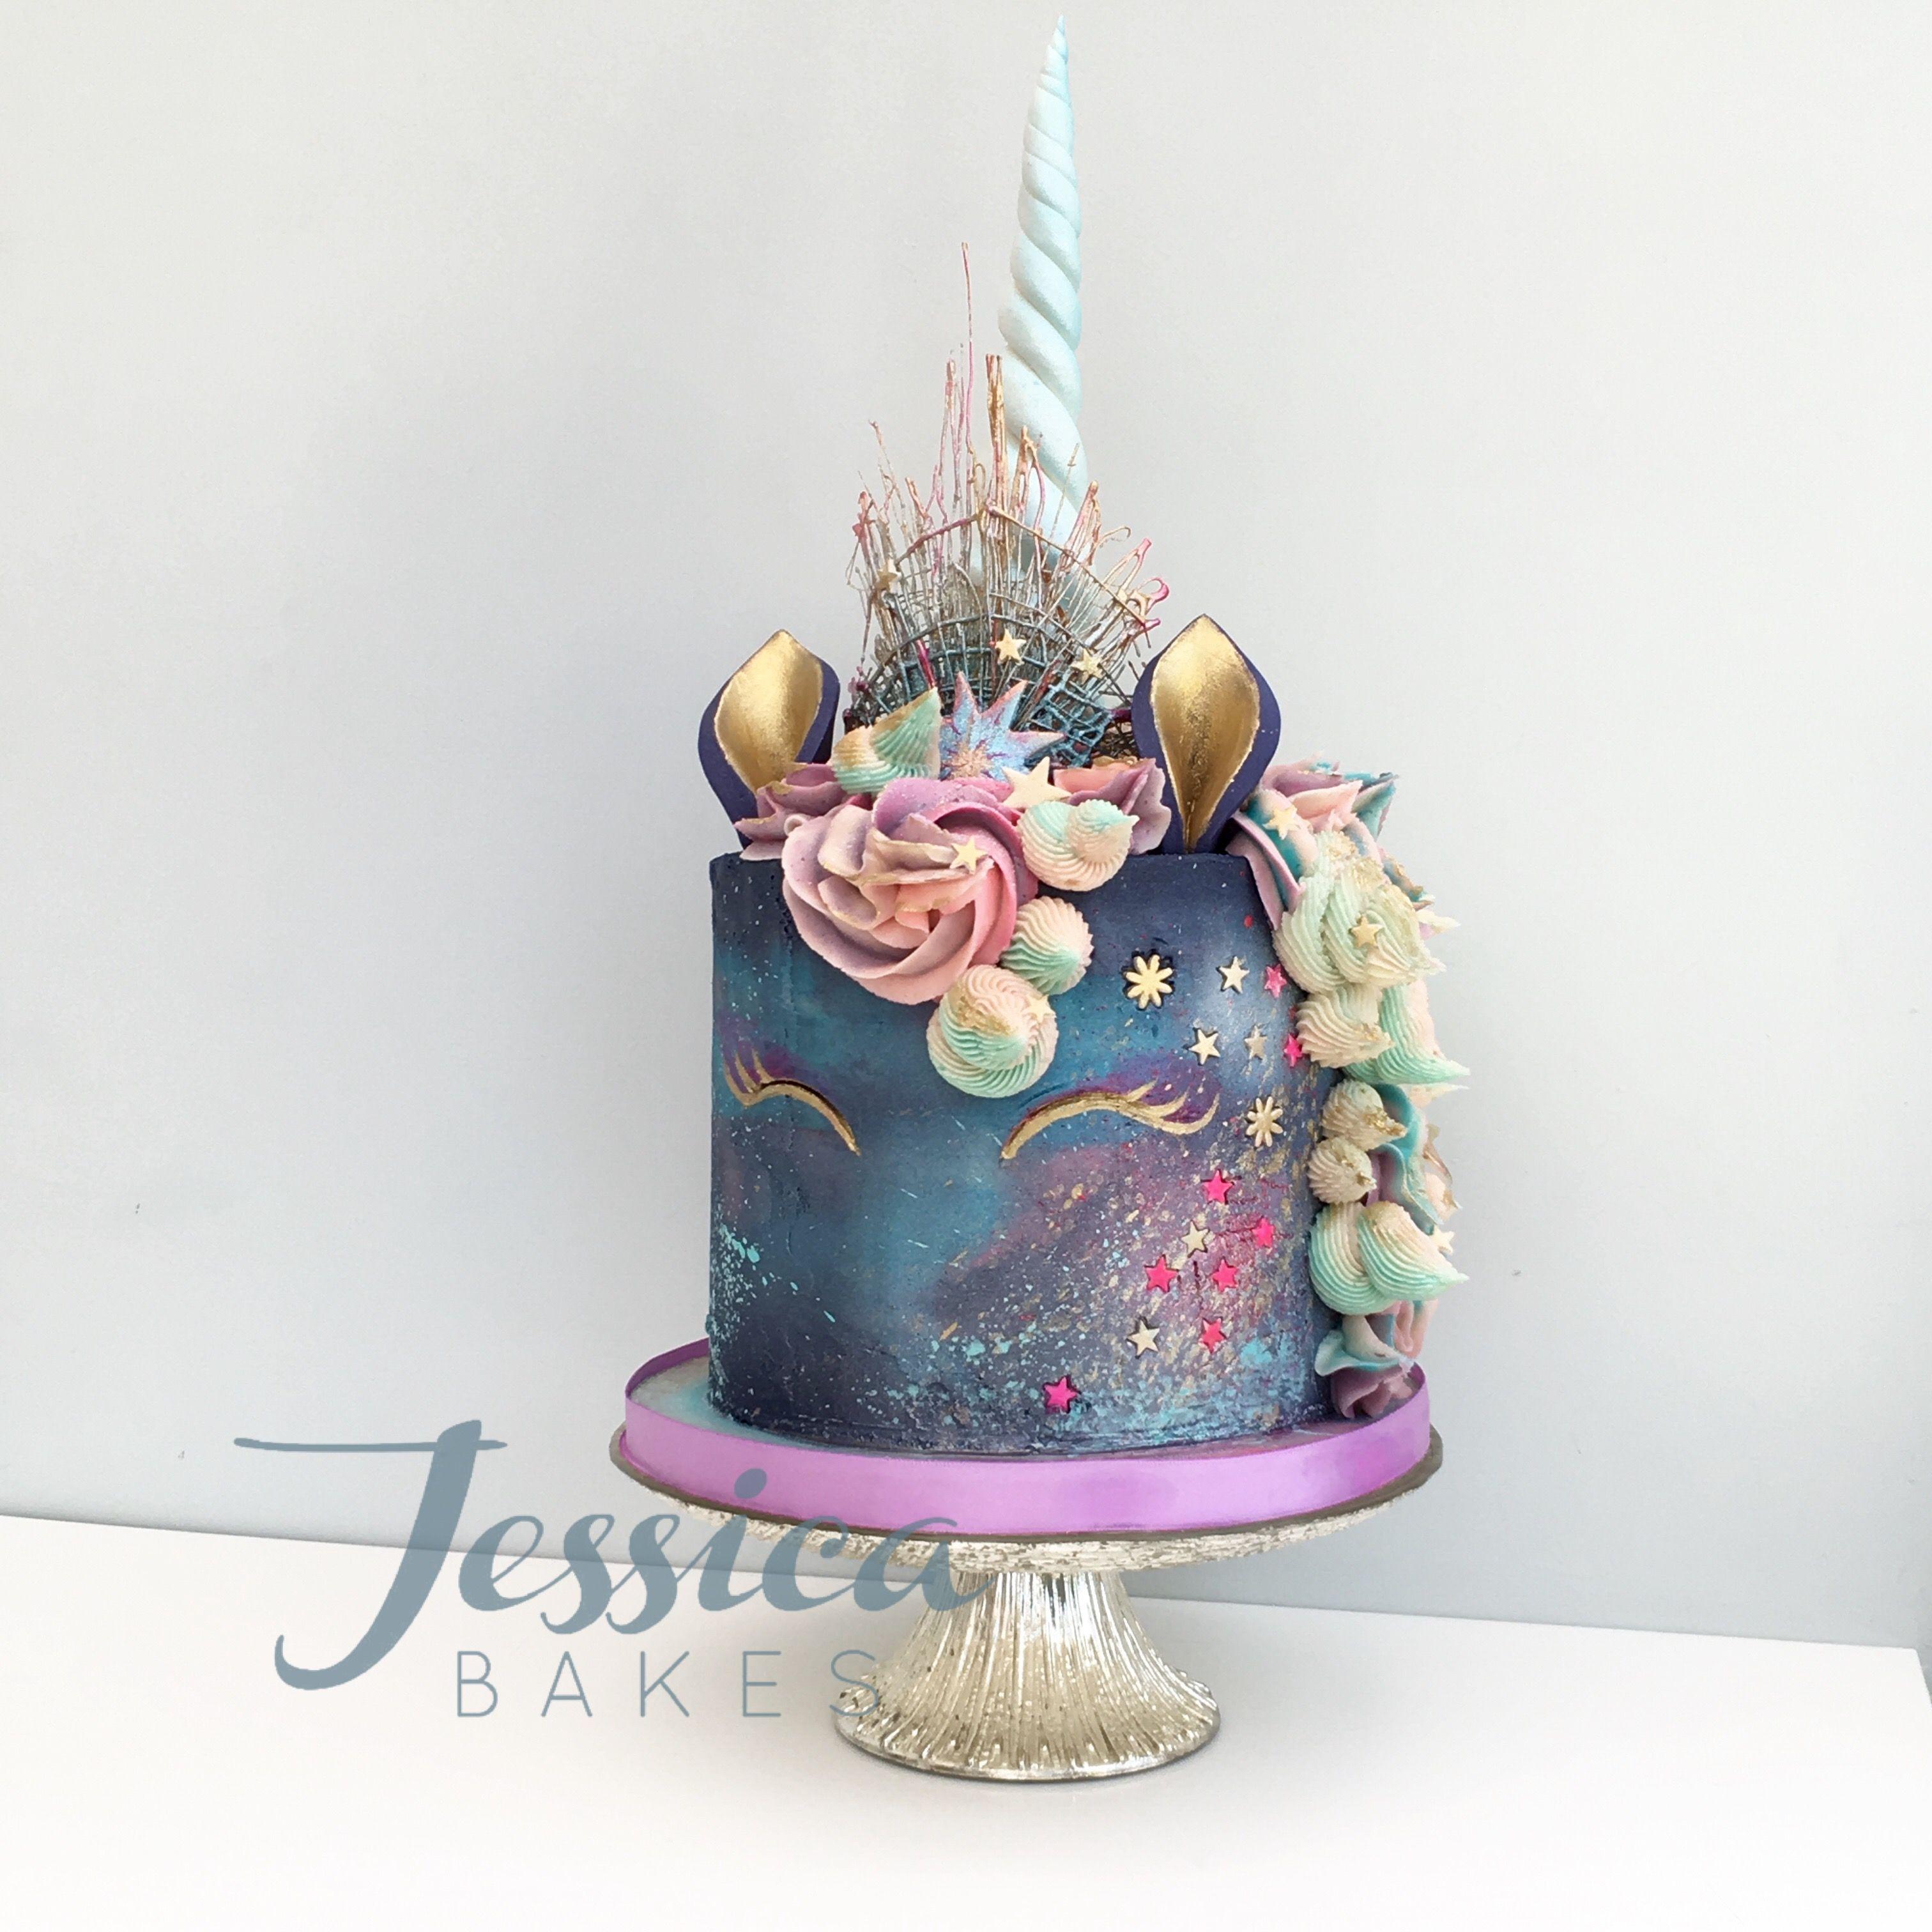 Galaxy Unicorn Cake By Jessica Bakes Based In Birmingham West Midlands UK Jessicabakescouk